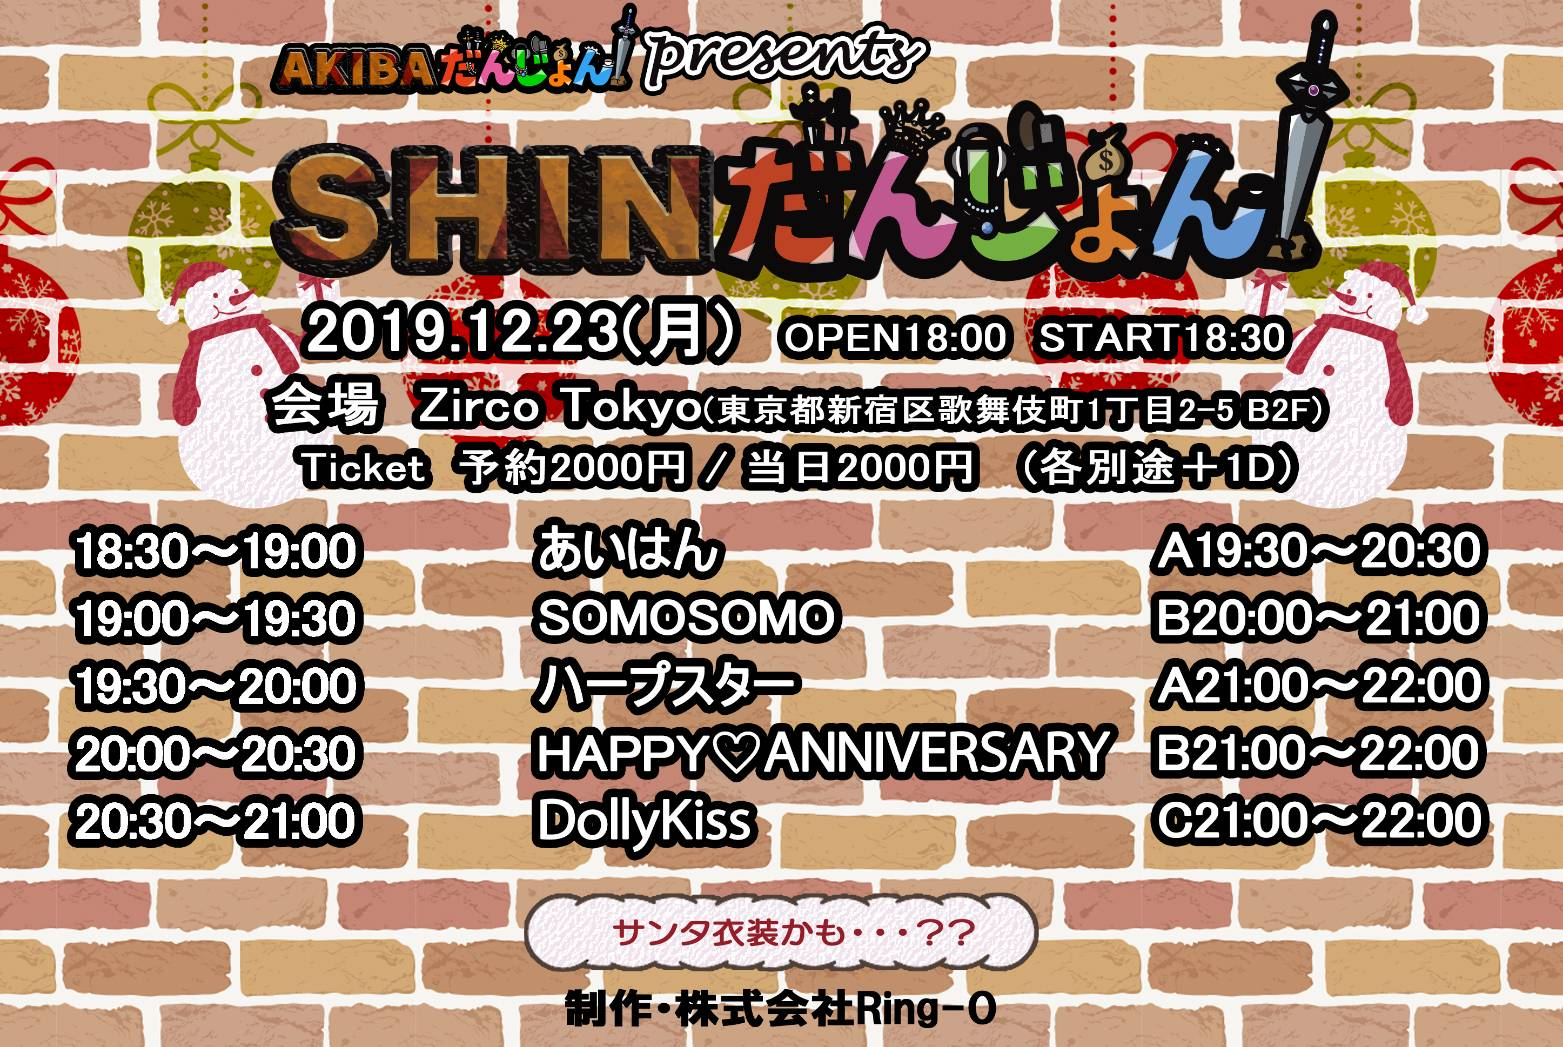 12月23日(月)SHINだんじょん取り置きチケット(予約のみ)